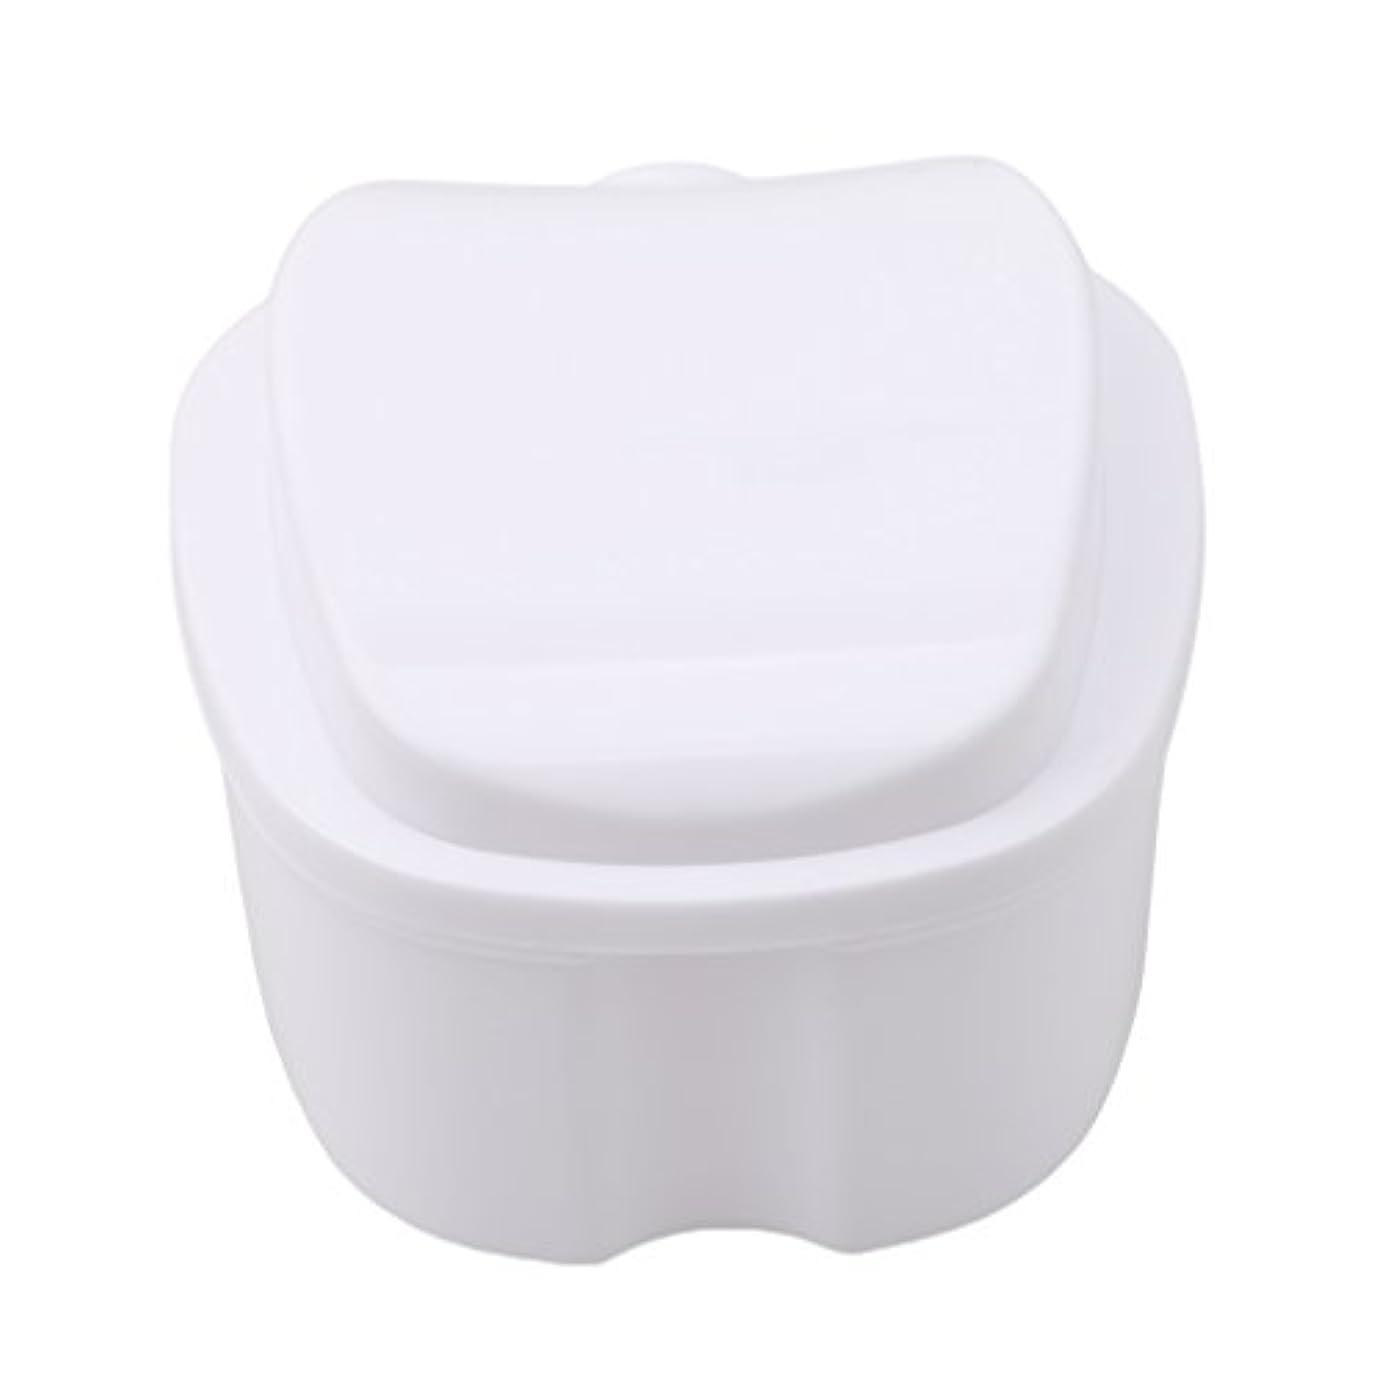 注釈を付ける宿命宿Honel 収納ボックス 義歯収納用 リテーナーケース りんご柄 ホワイト